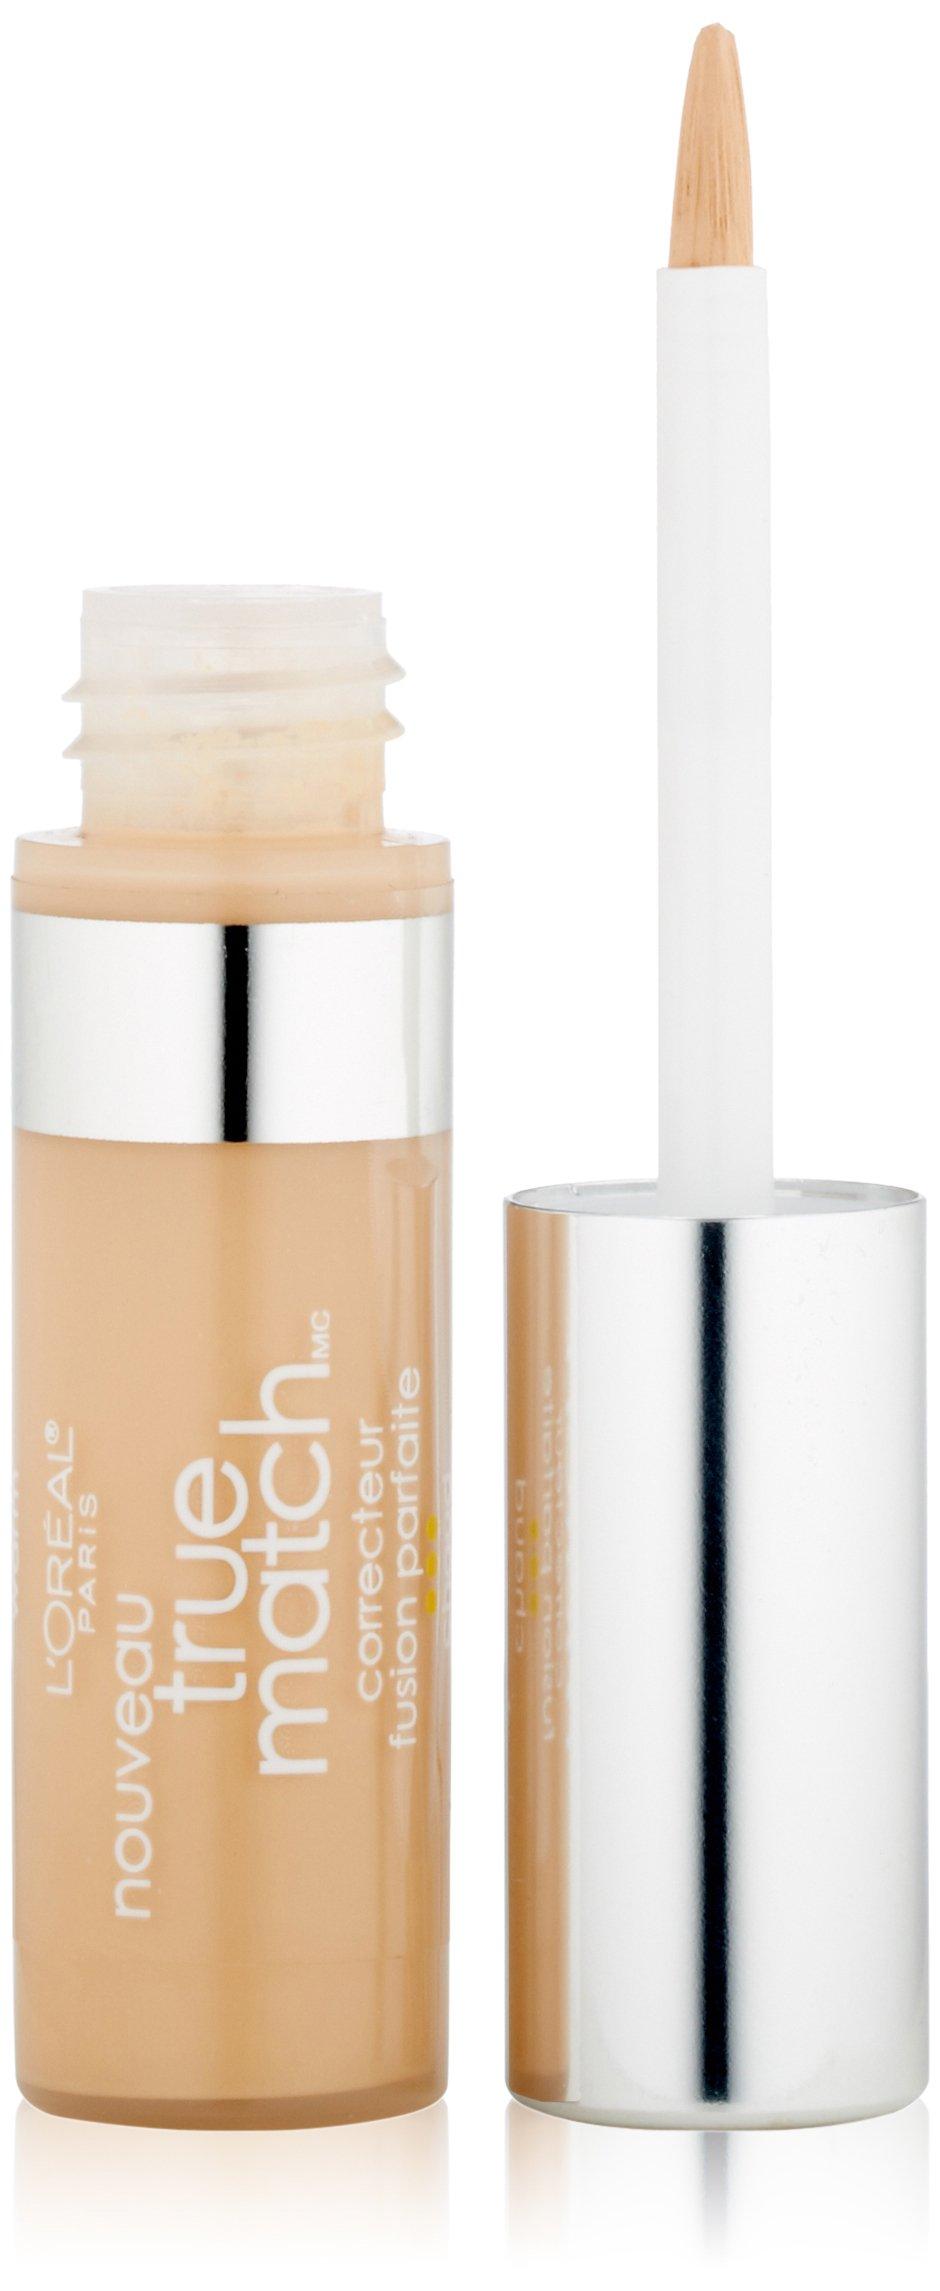 L'Oréal Paris True Match Super-Blendable Concealer, Fair/Light Warm, 0.17 fl. oz.